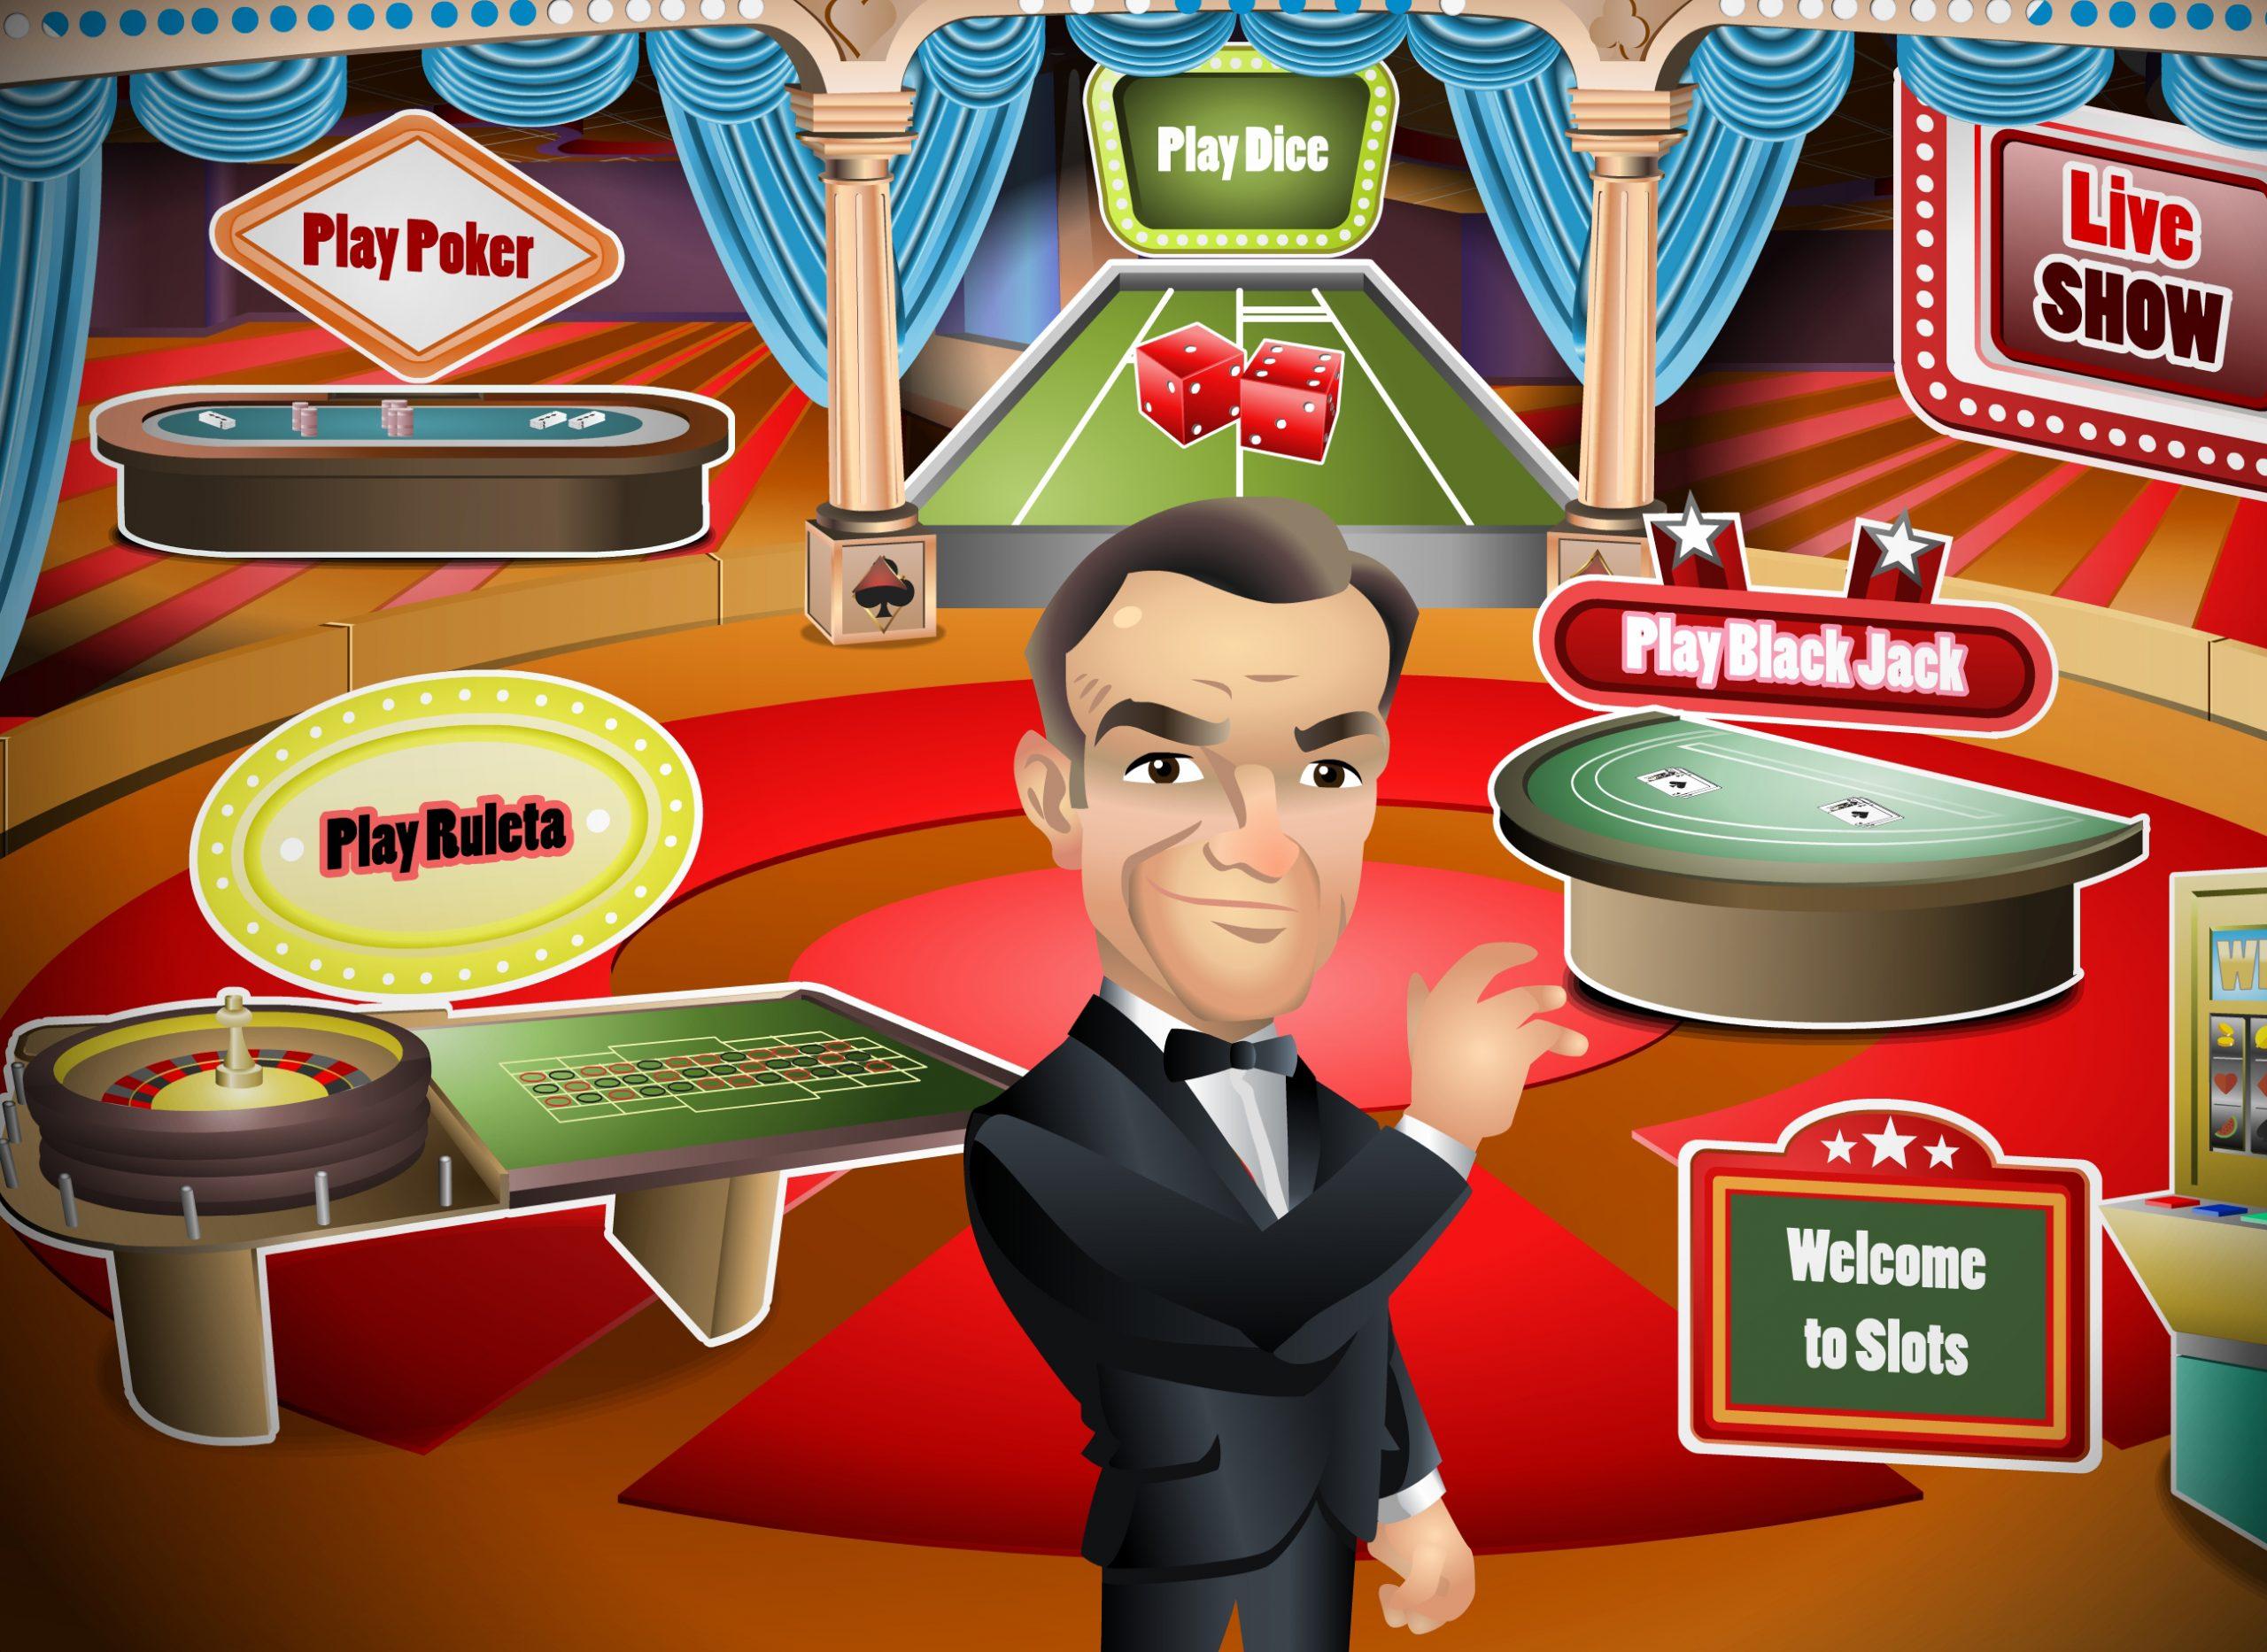 Psicosoft - 'El casino': Aventura tecnológica para una formación motivante